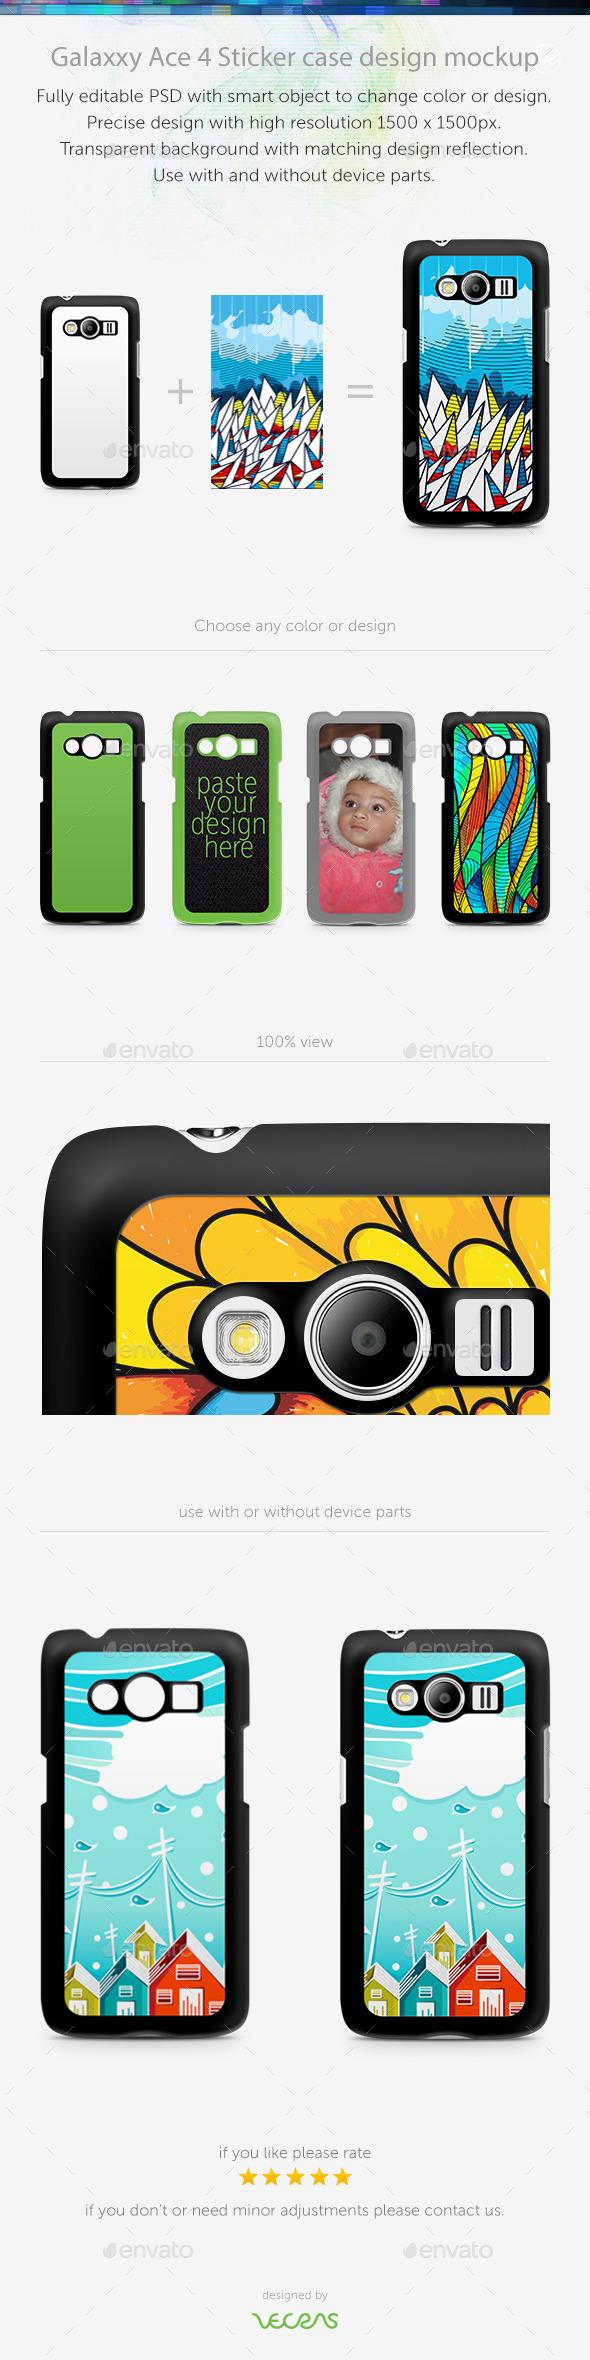 GraphicRiver Galaxxy Ace 4 Sticker Case Design Mockup 10817953